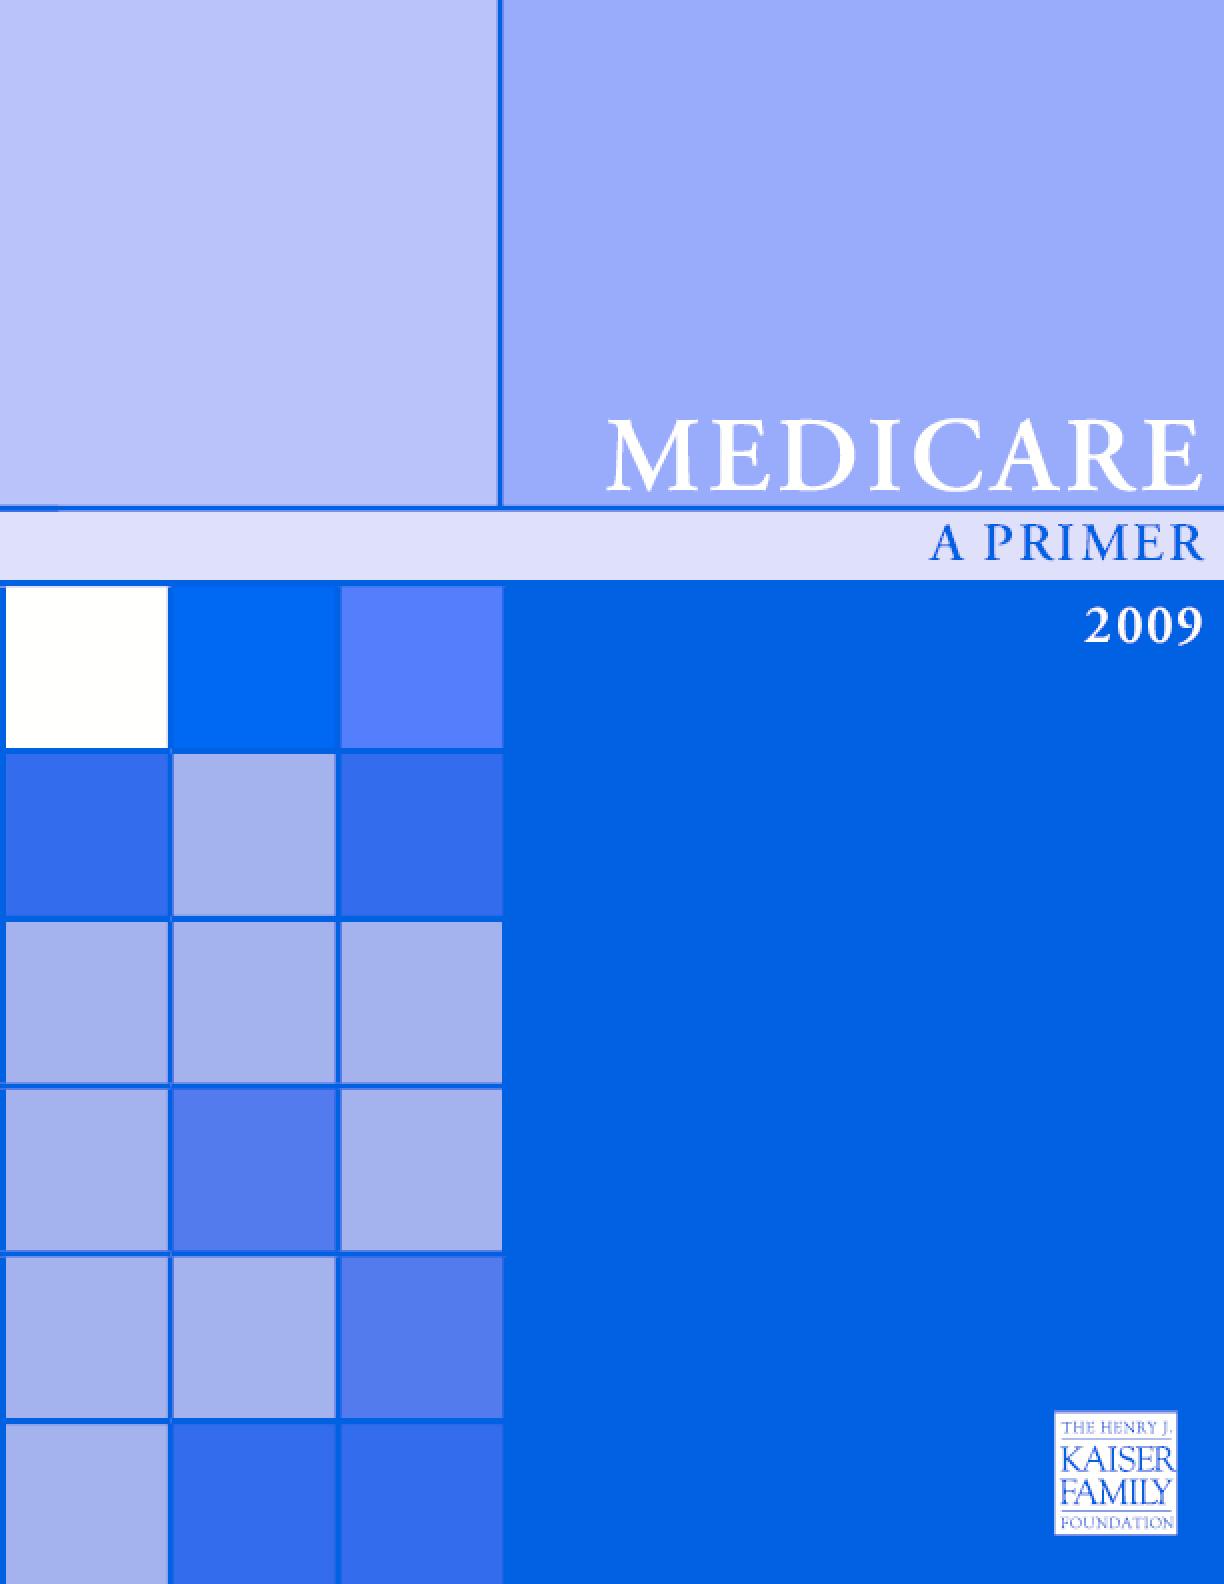 Medicare: A Primer 2009